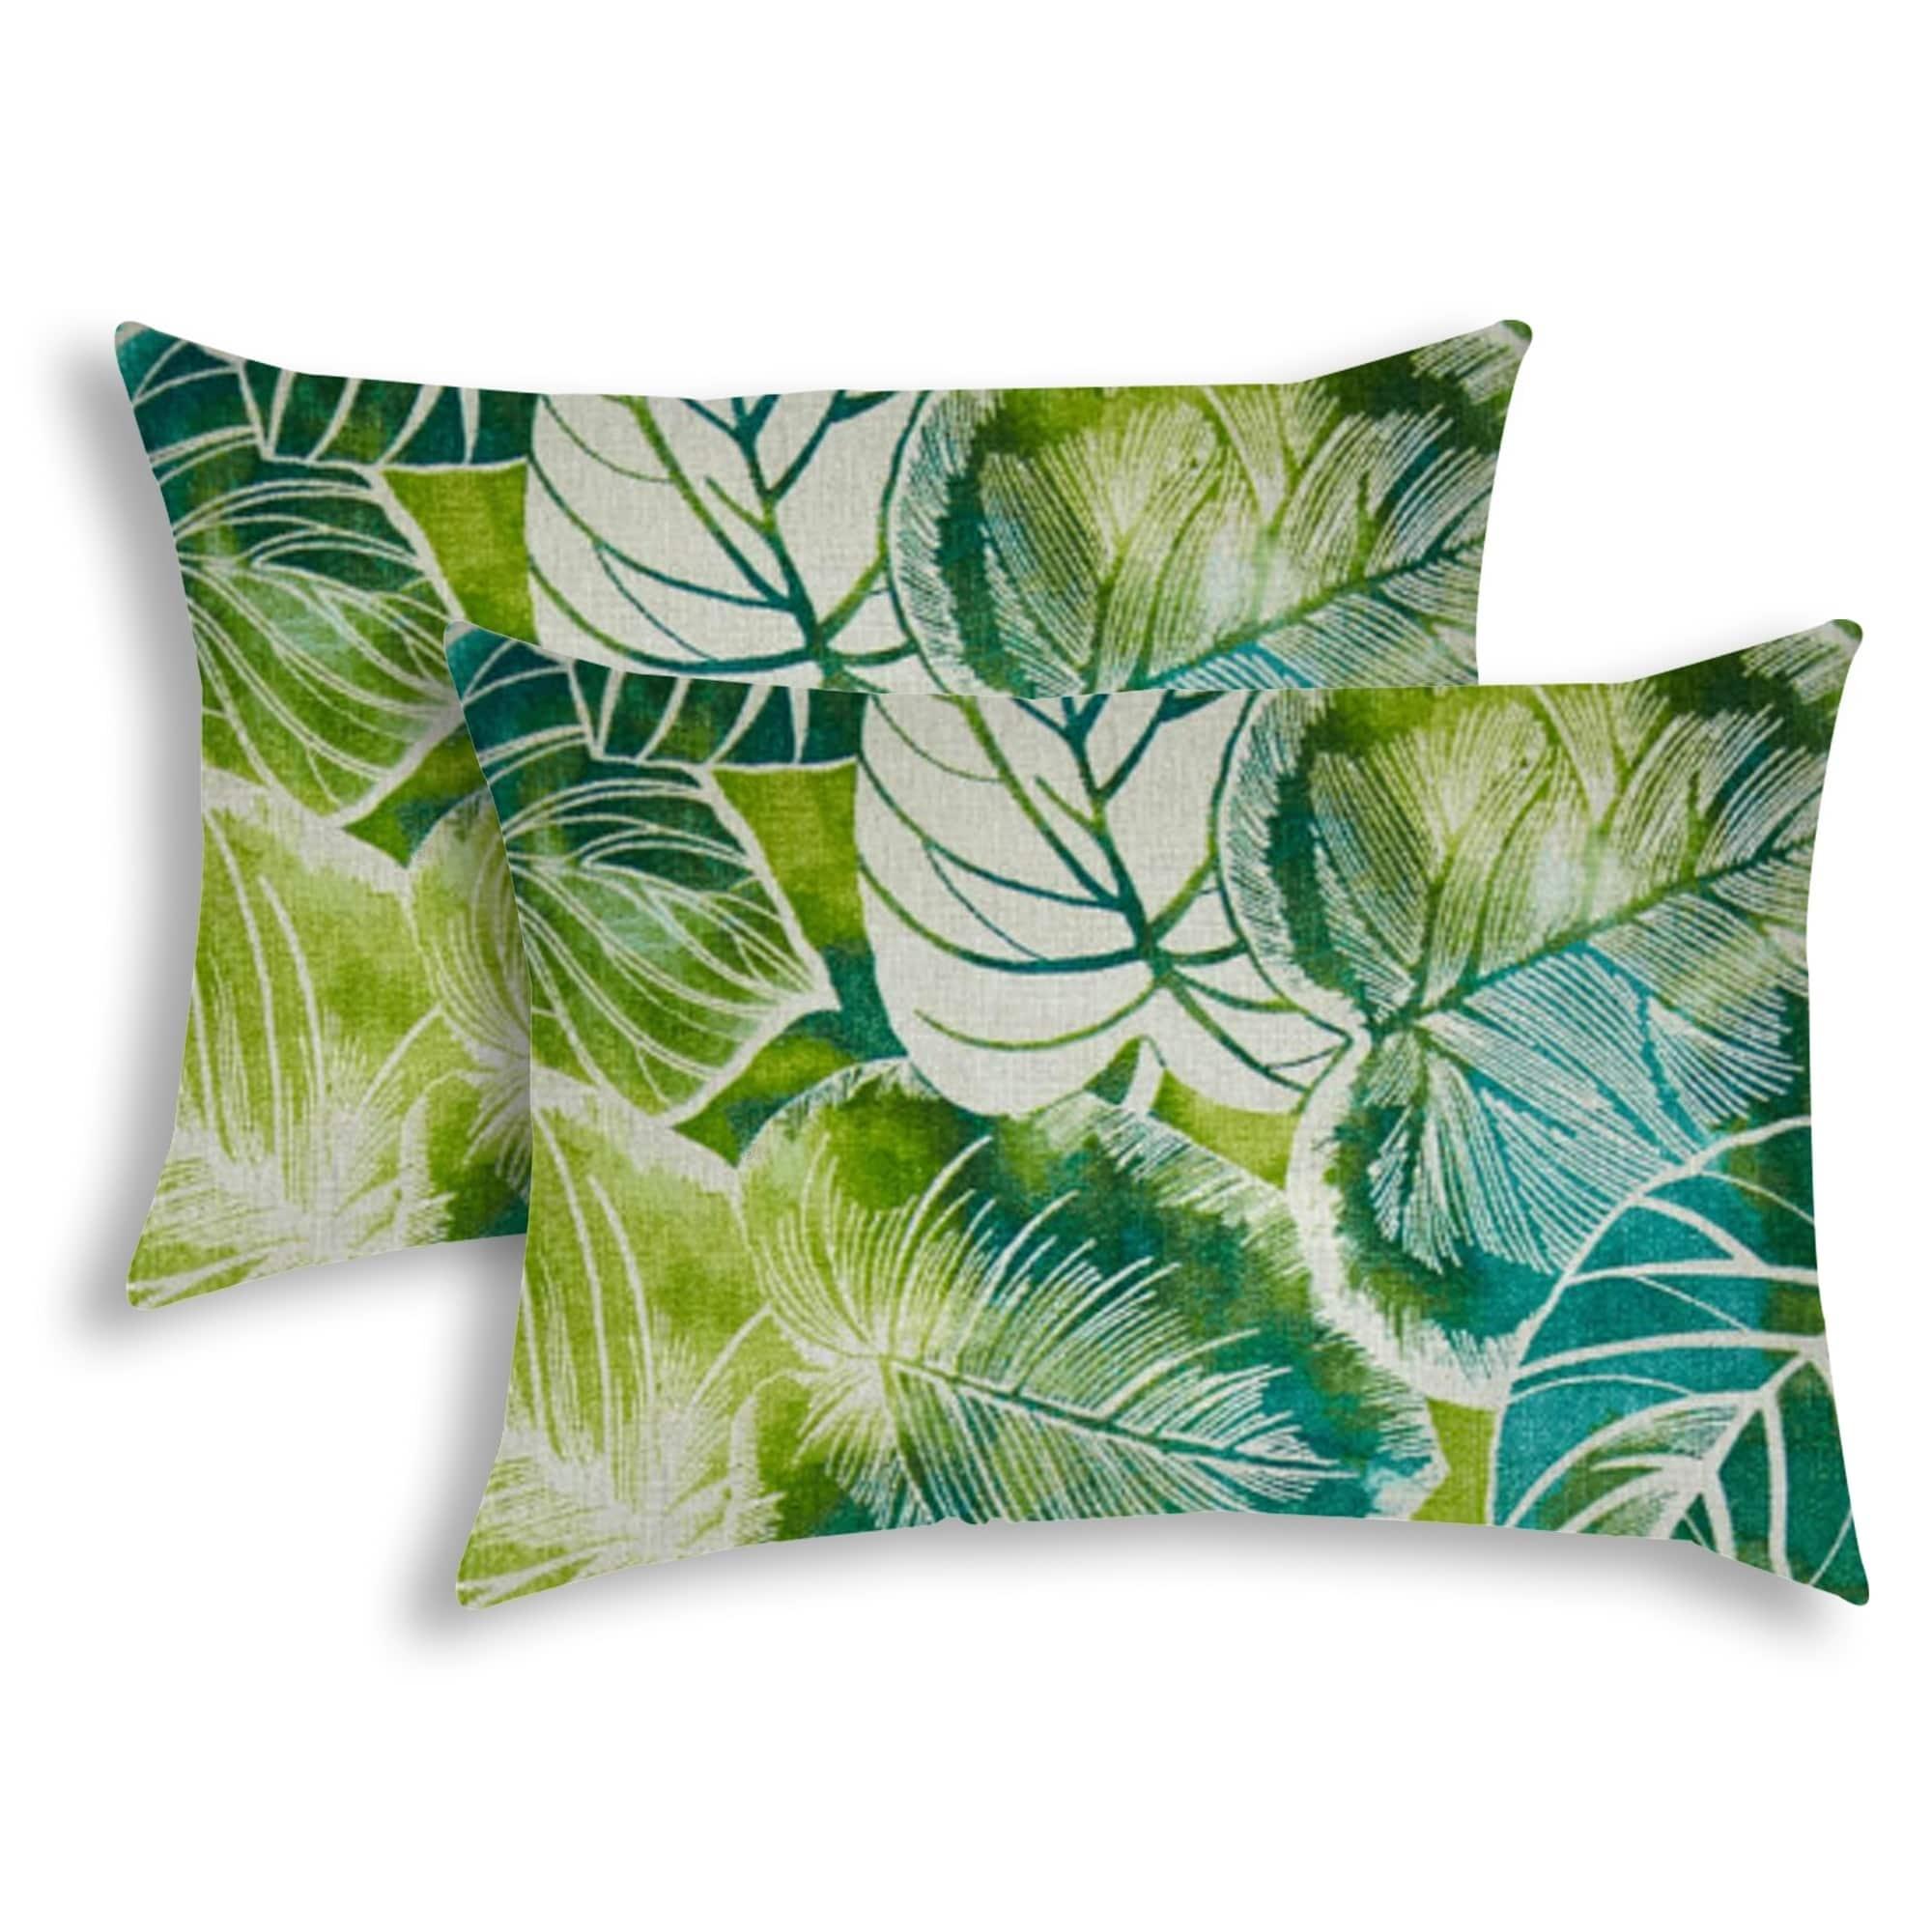 Calopia Teal Indoor Outdoor Pillow Sewn Closure Set Of 2